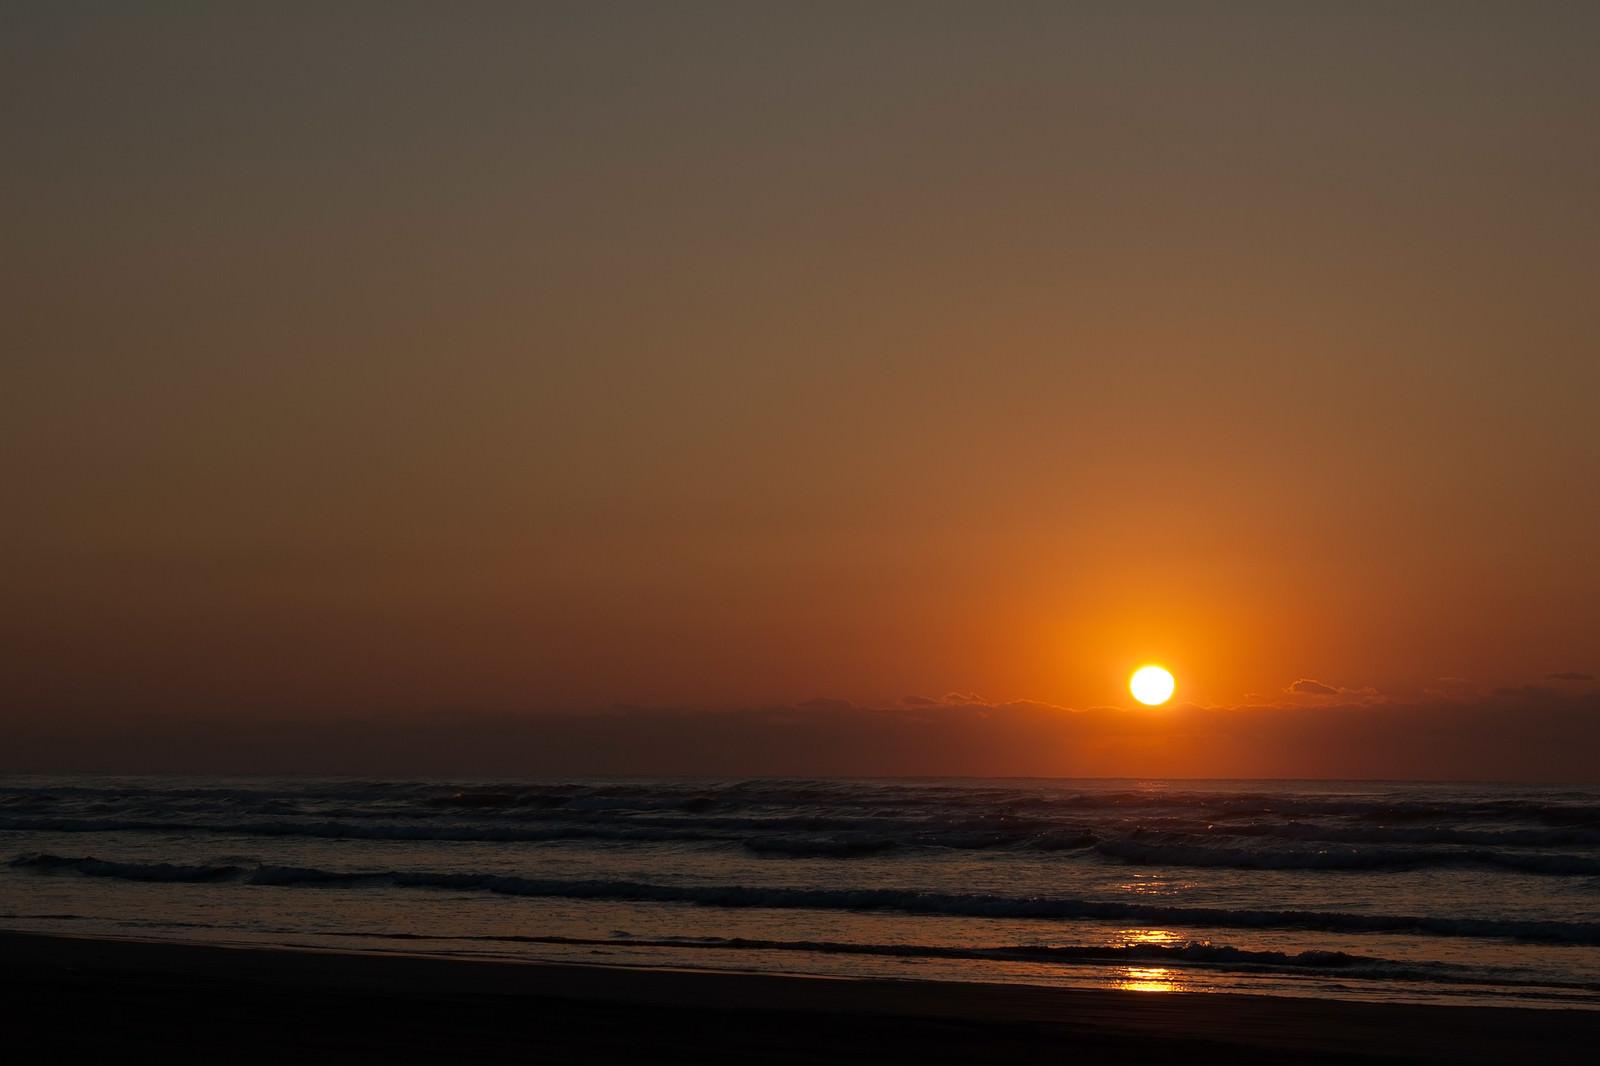 「日本海に沈む夕日」の写真